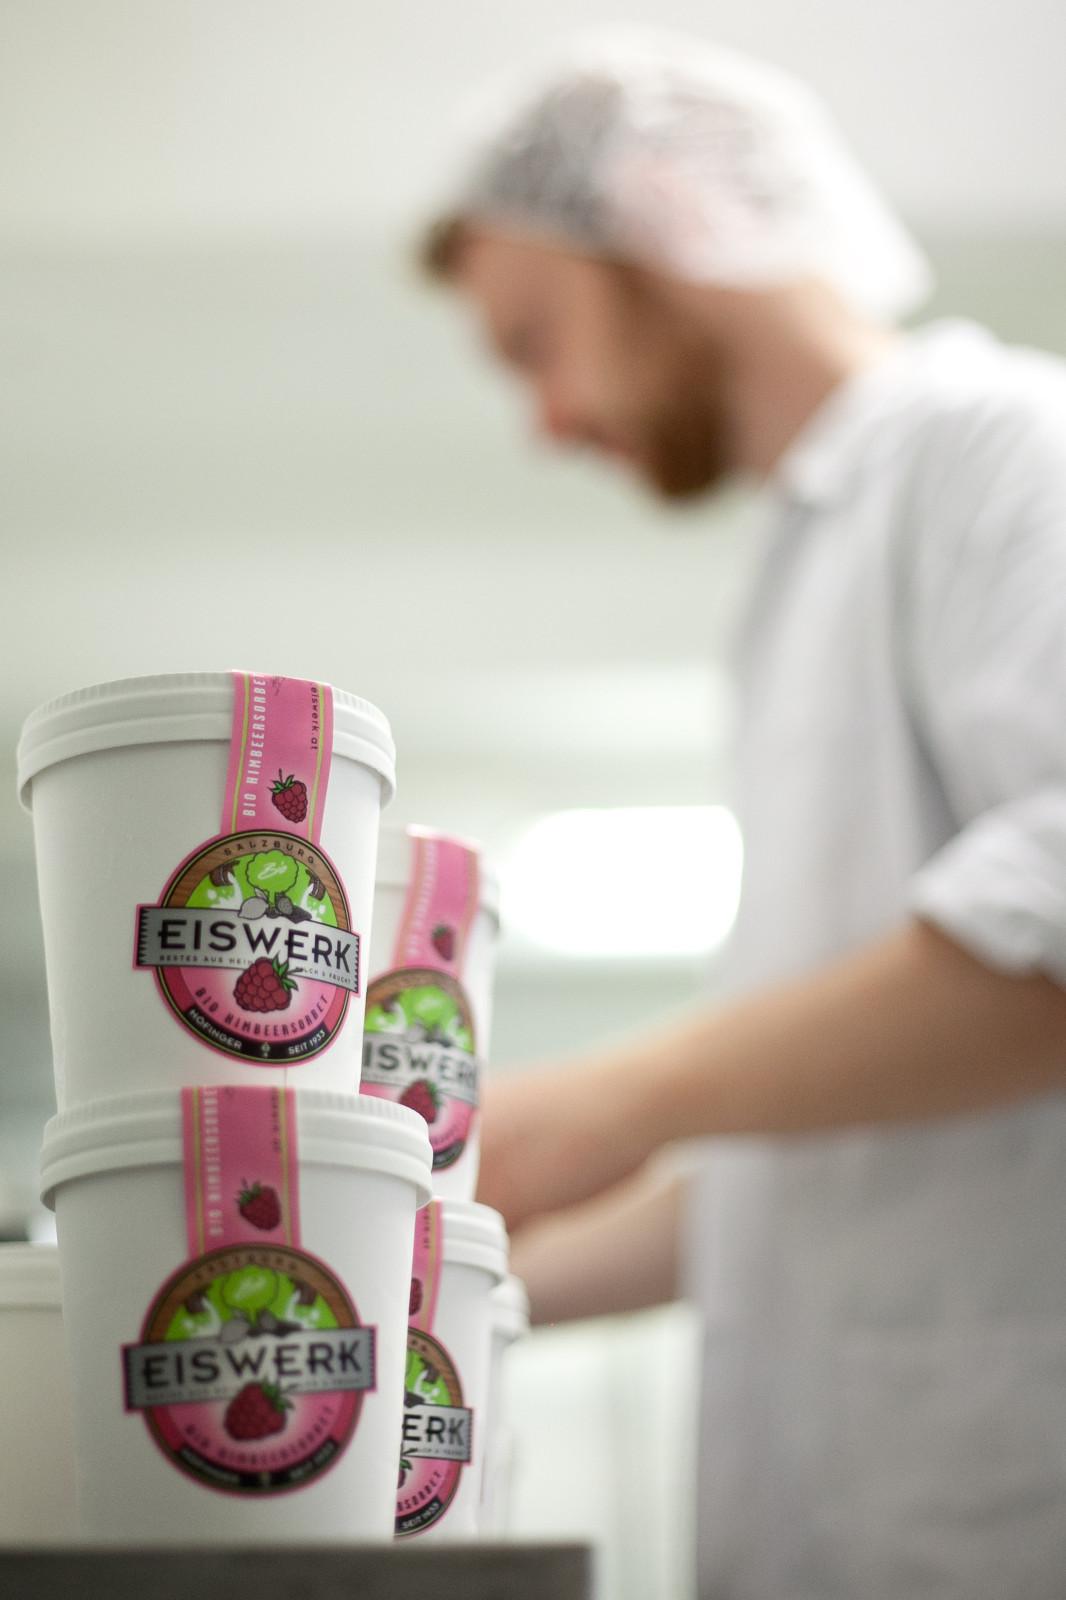 2005 wurde aus Höfinger Eis die Marke EISWERK